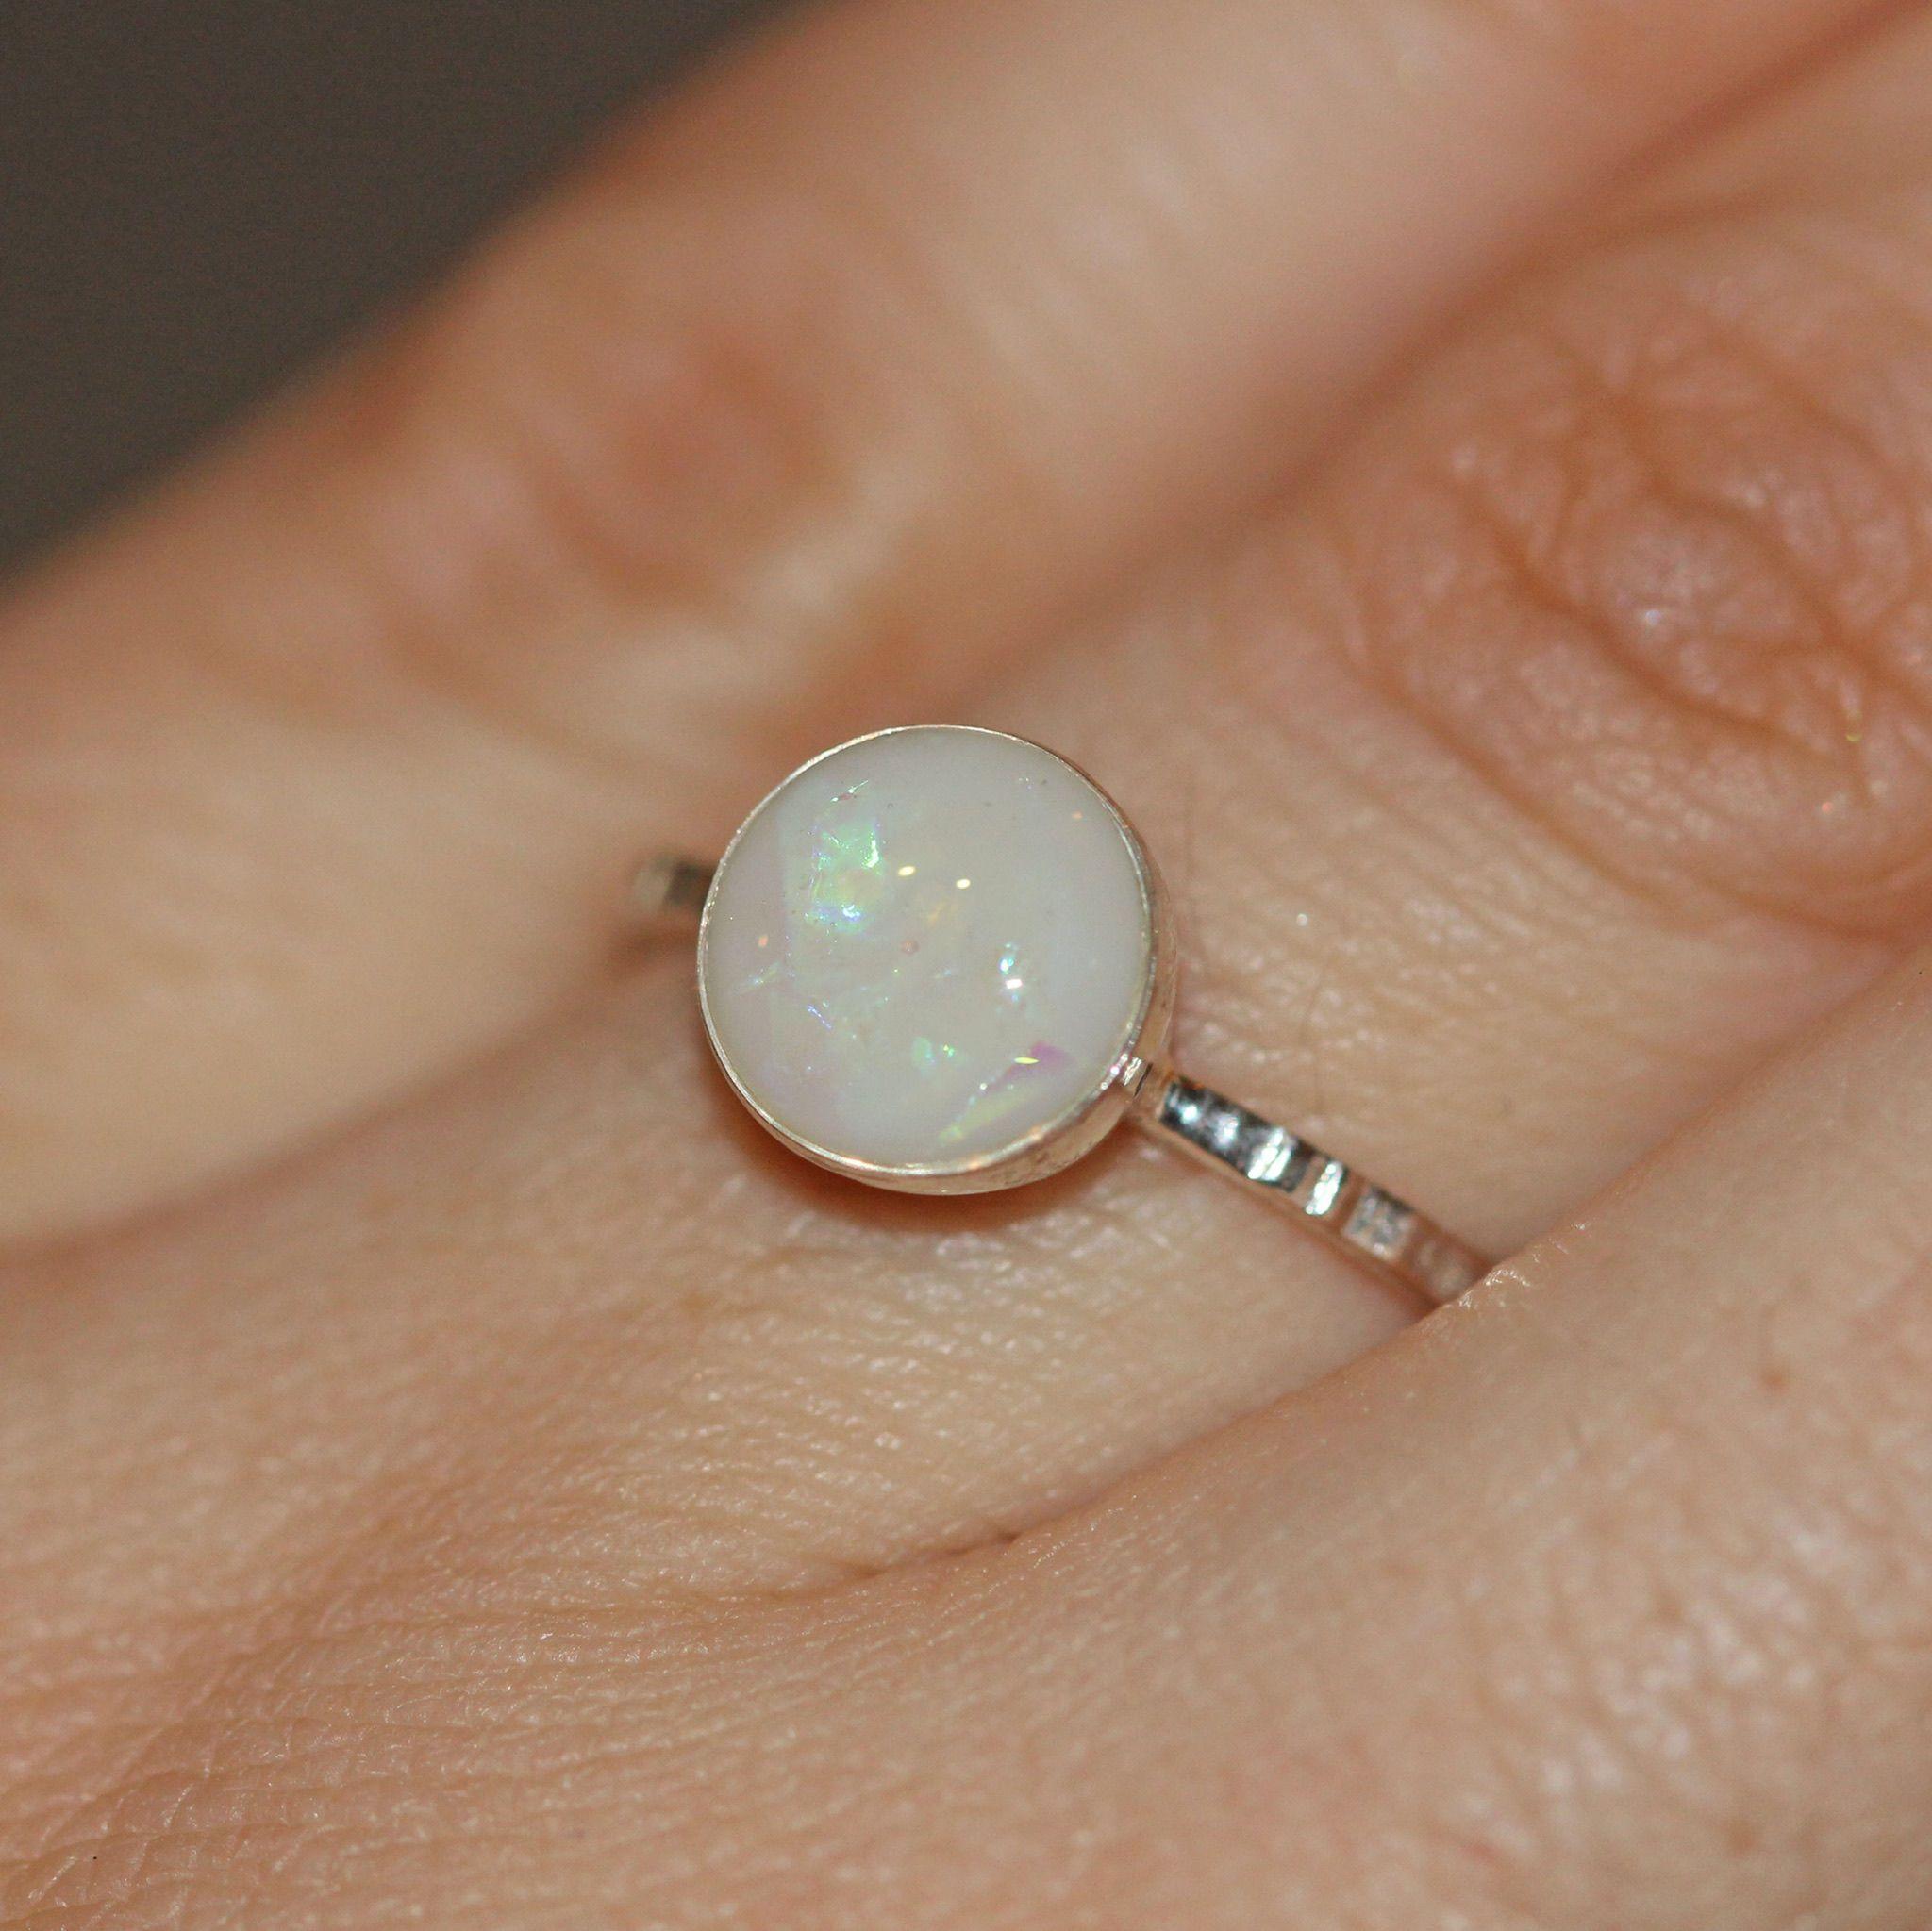 Breastmilk keepsake ring in solid sterling silver setting